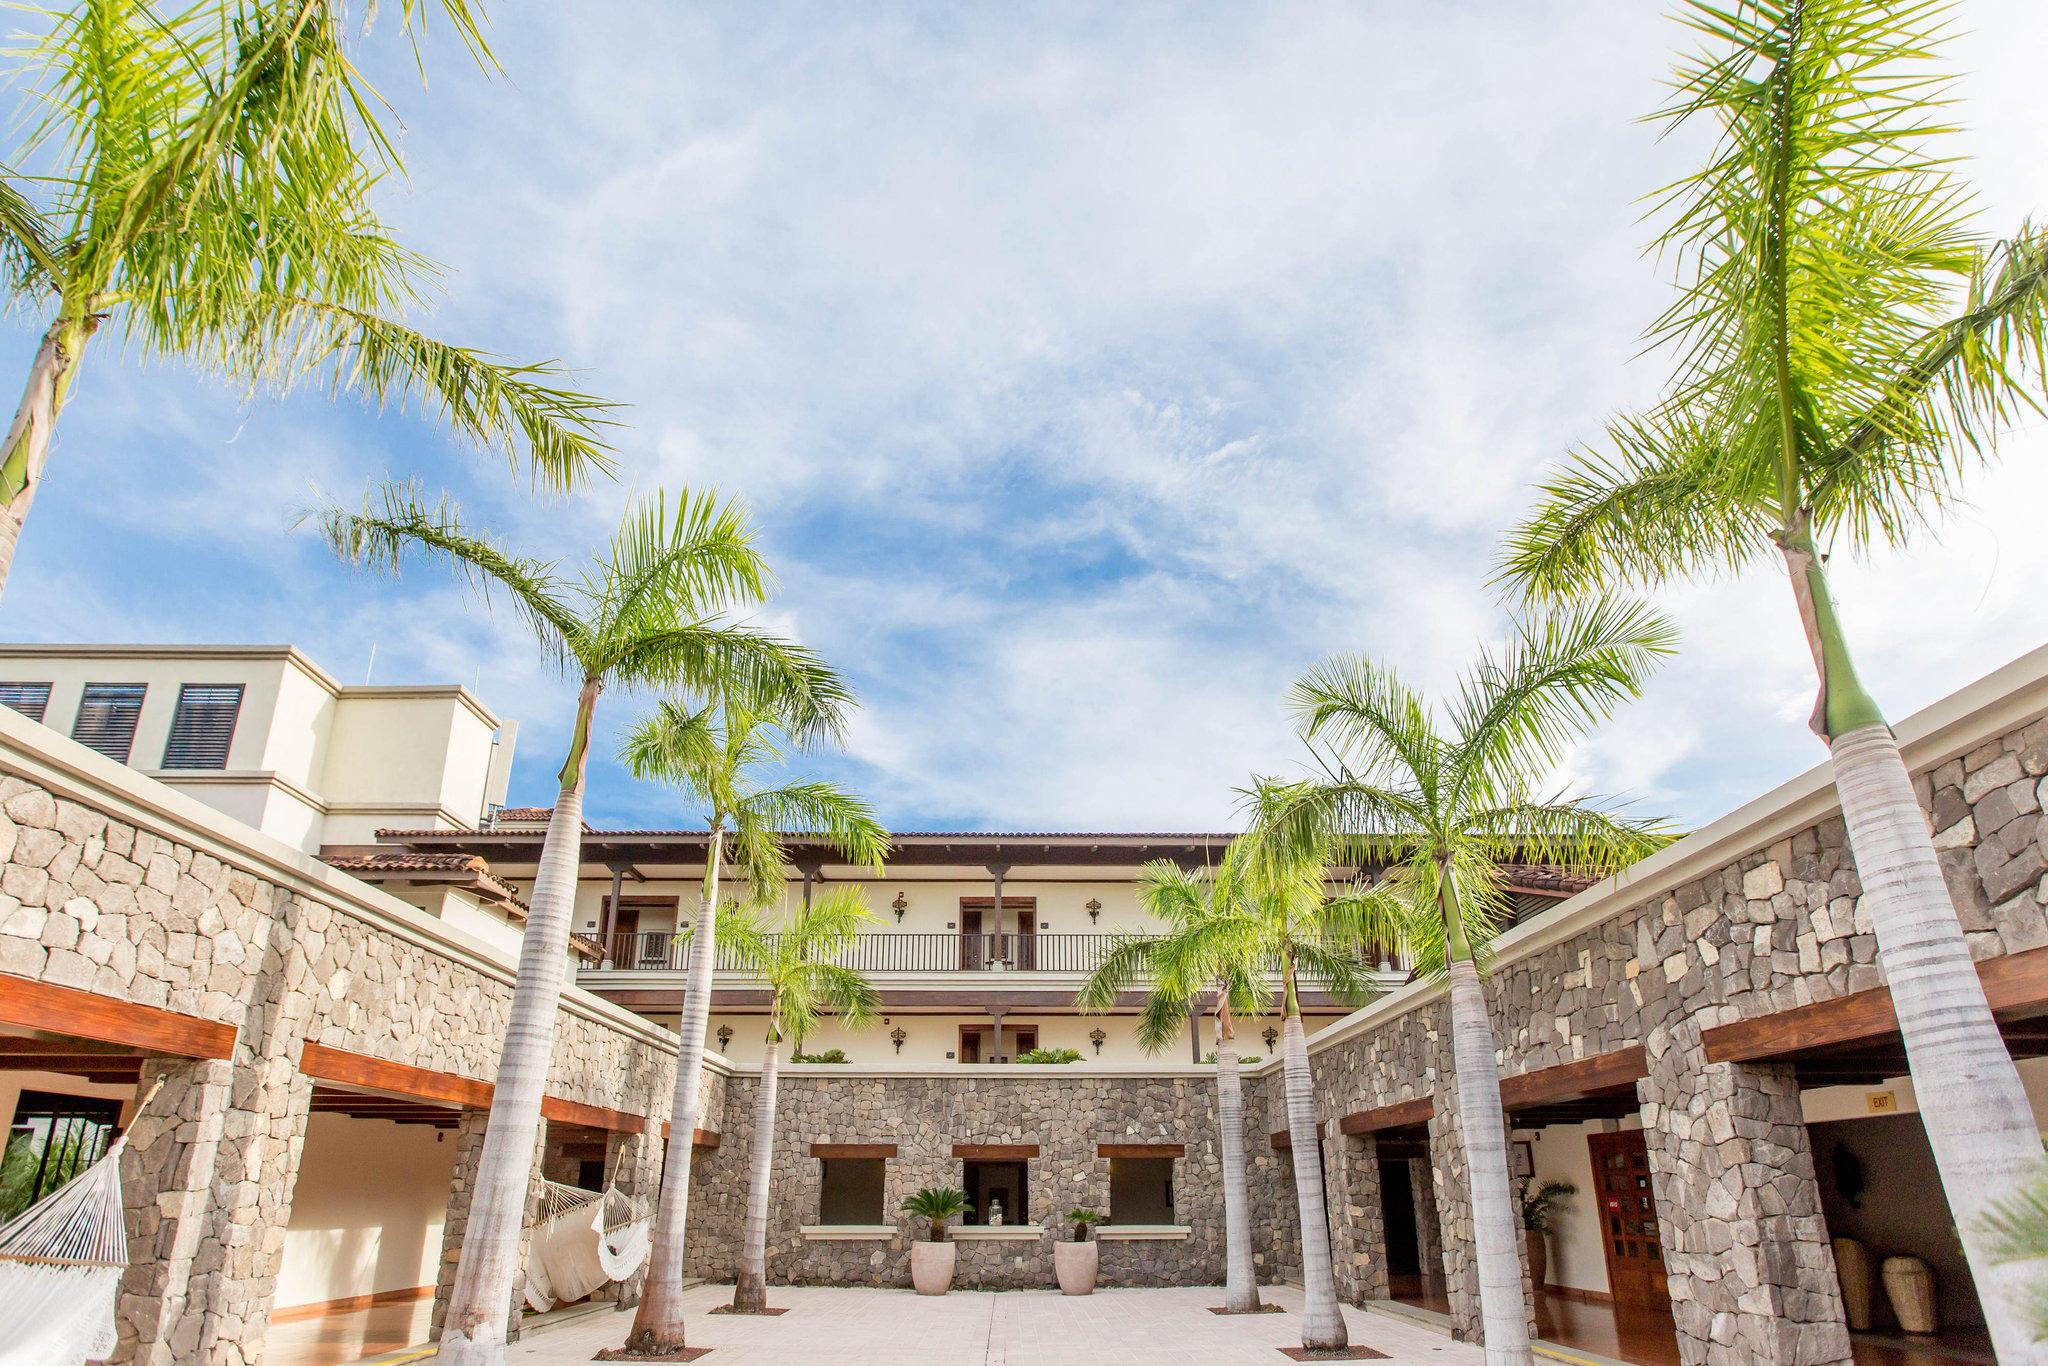 JW Marriott Guanacaste Resort & Spa